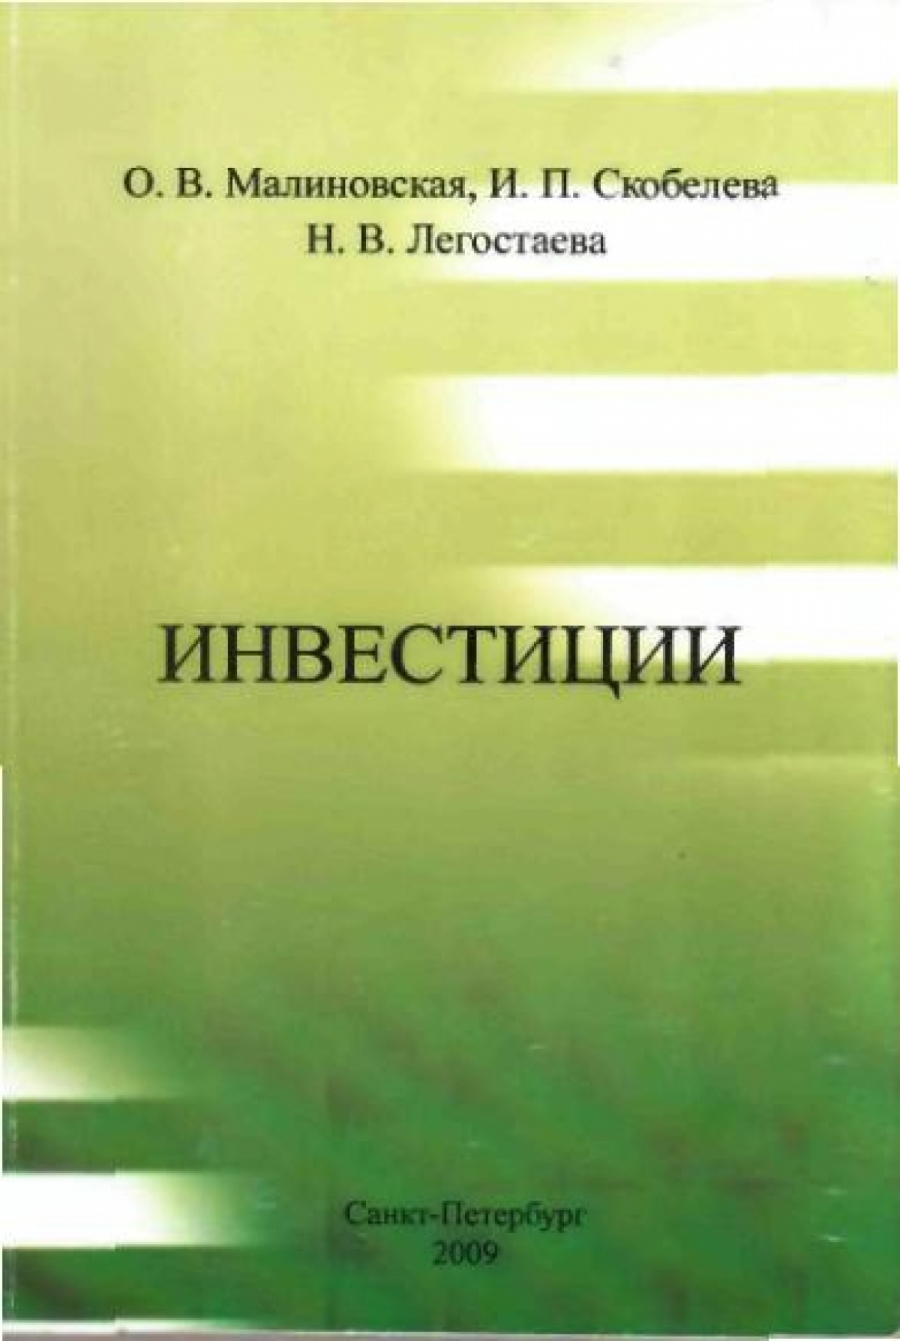 Обложка книги:  о.в. малиновская, и.п скобелева, н.в. легостаева - инвестиции